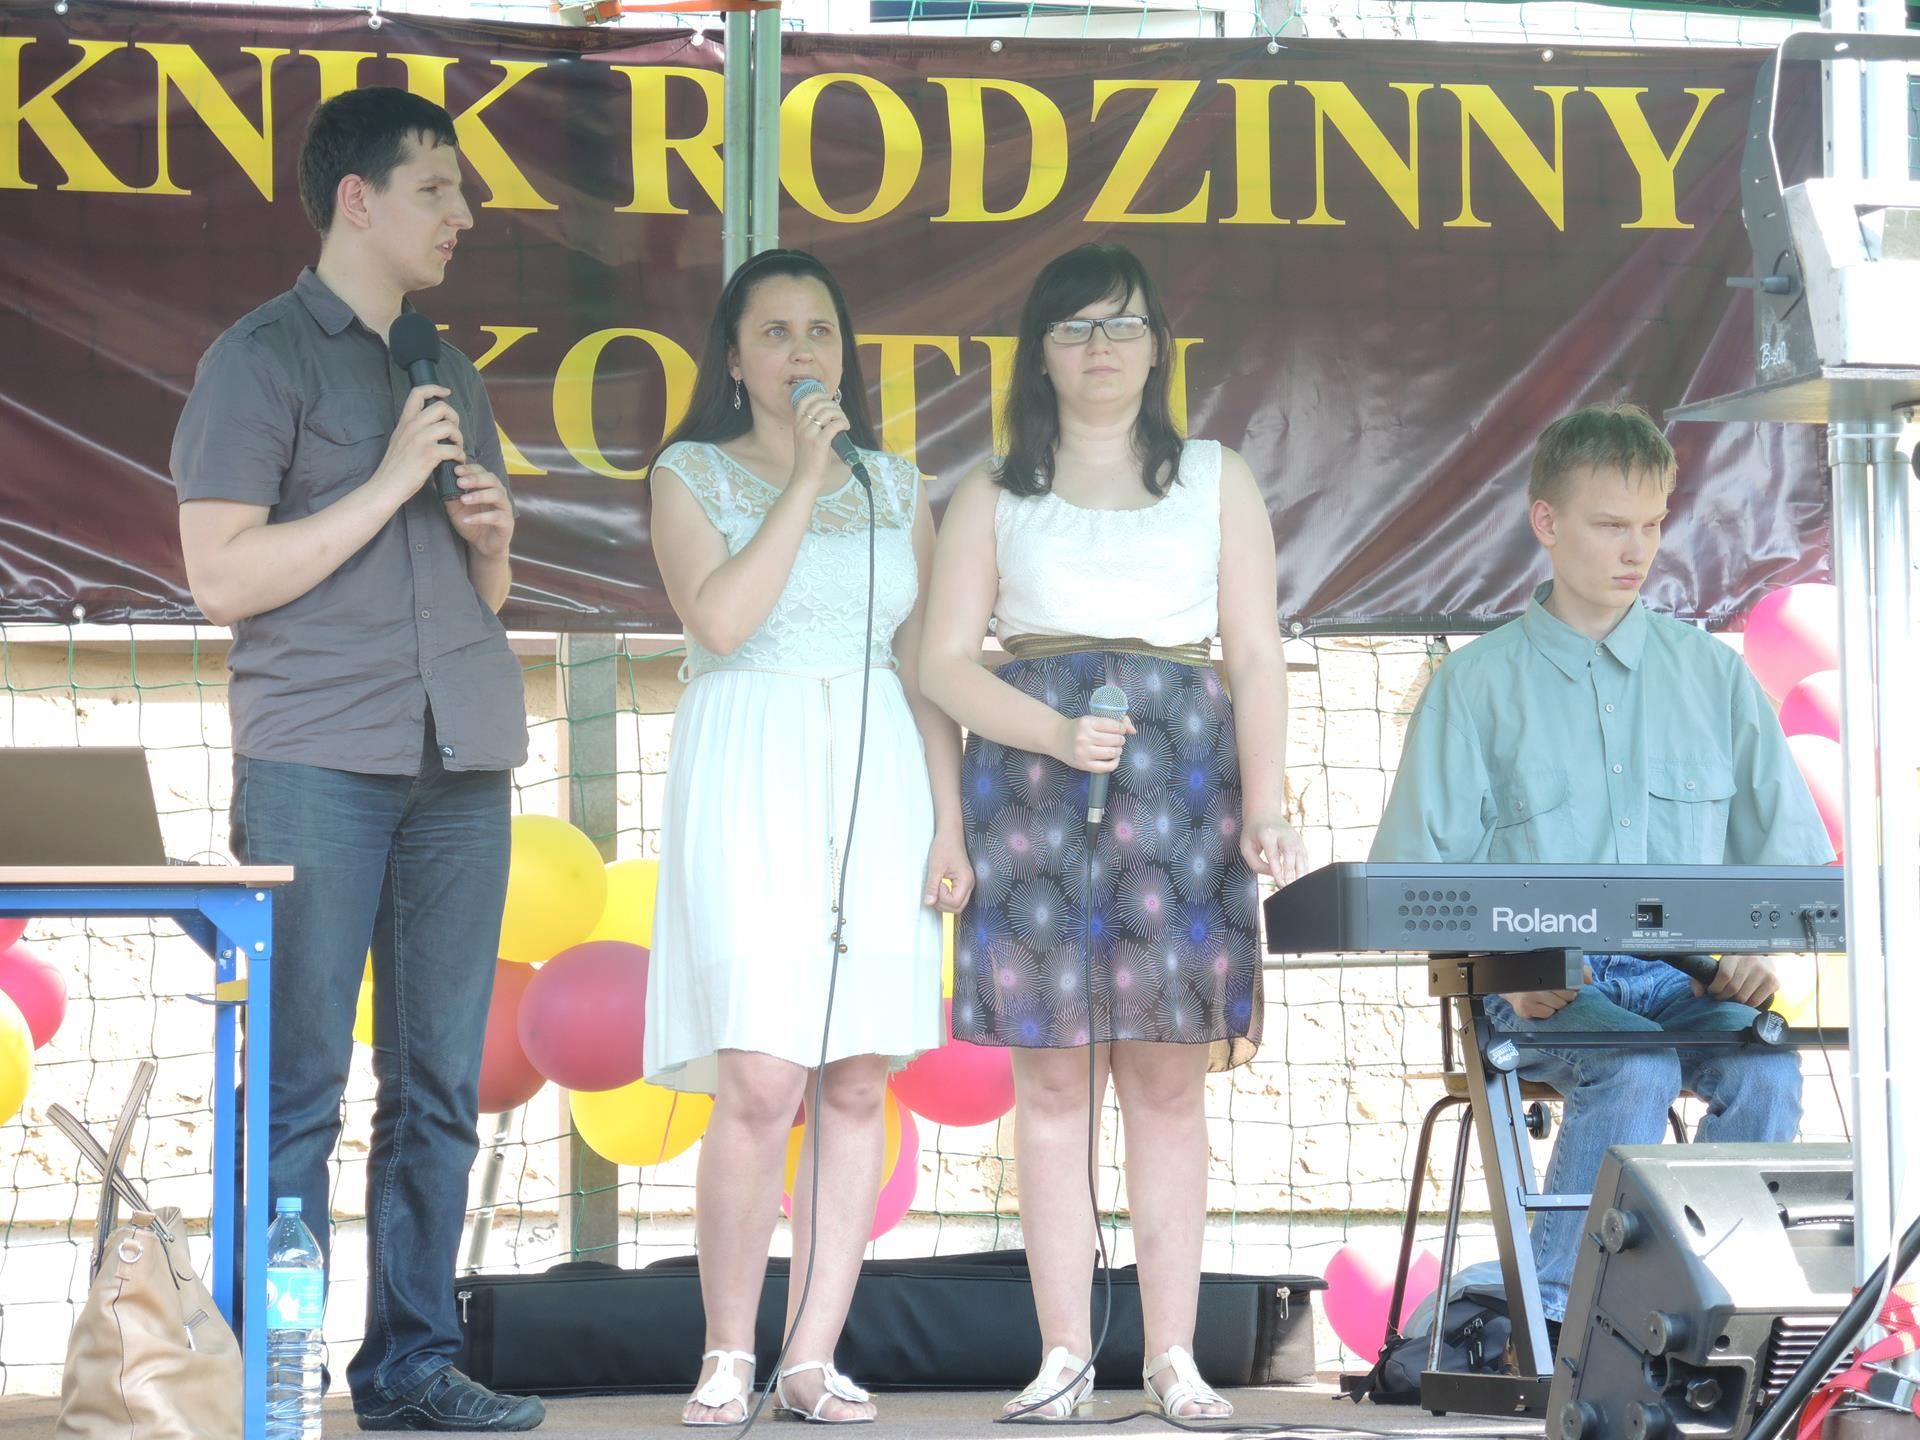 4 osoby stoją na scenie, kobieta przemawia, a 1 mężczyzna siedzi przy instrumencie klawiszowym